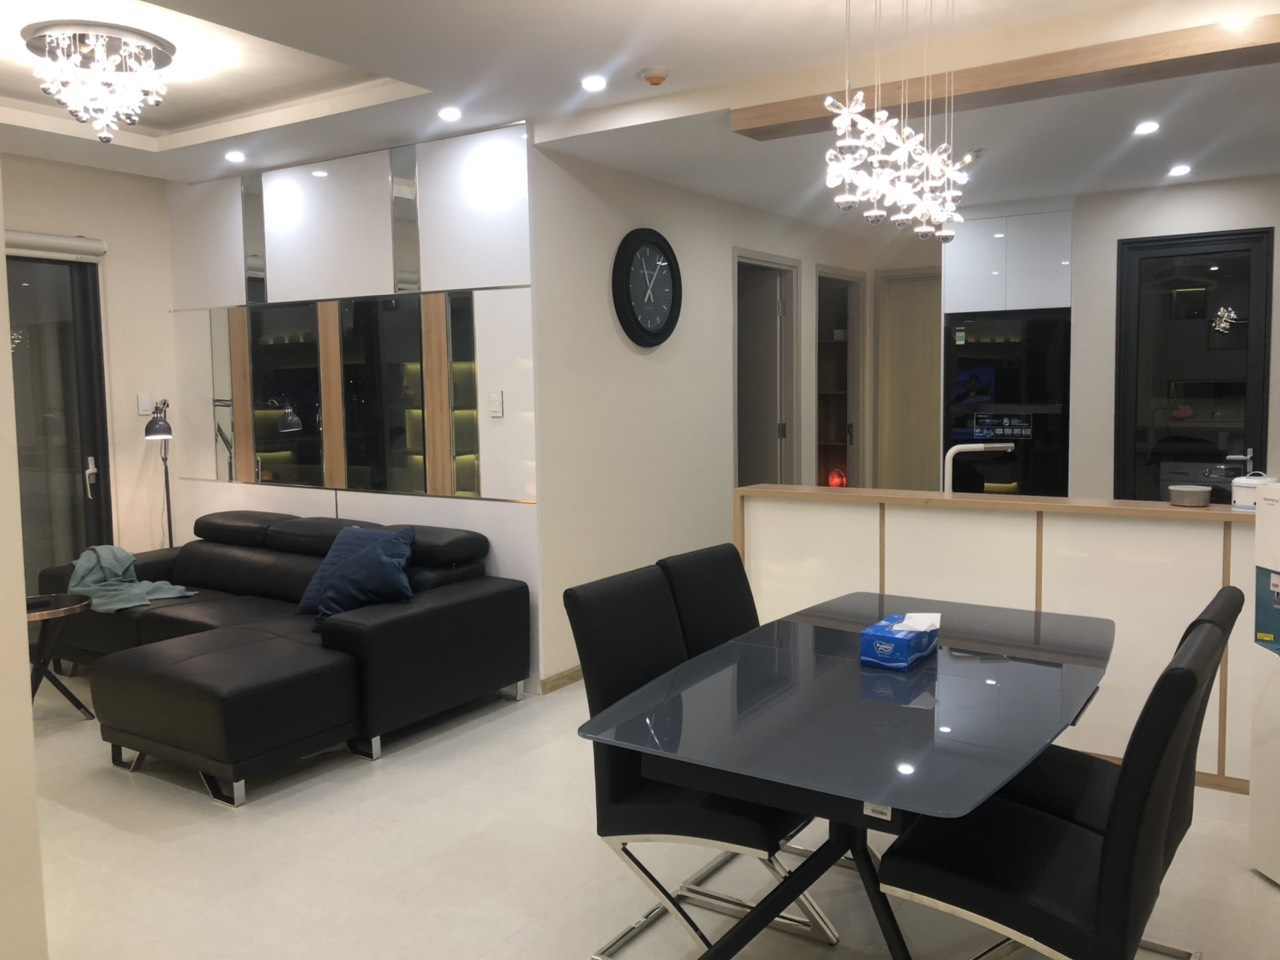 Cho thuê 3 phòng ngủ New City Thủ Thiêm - ID 010090